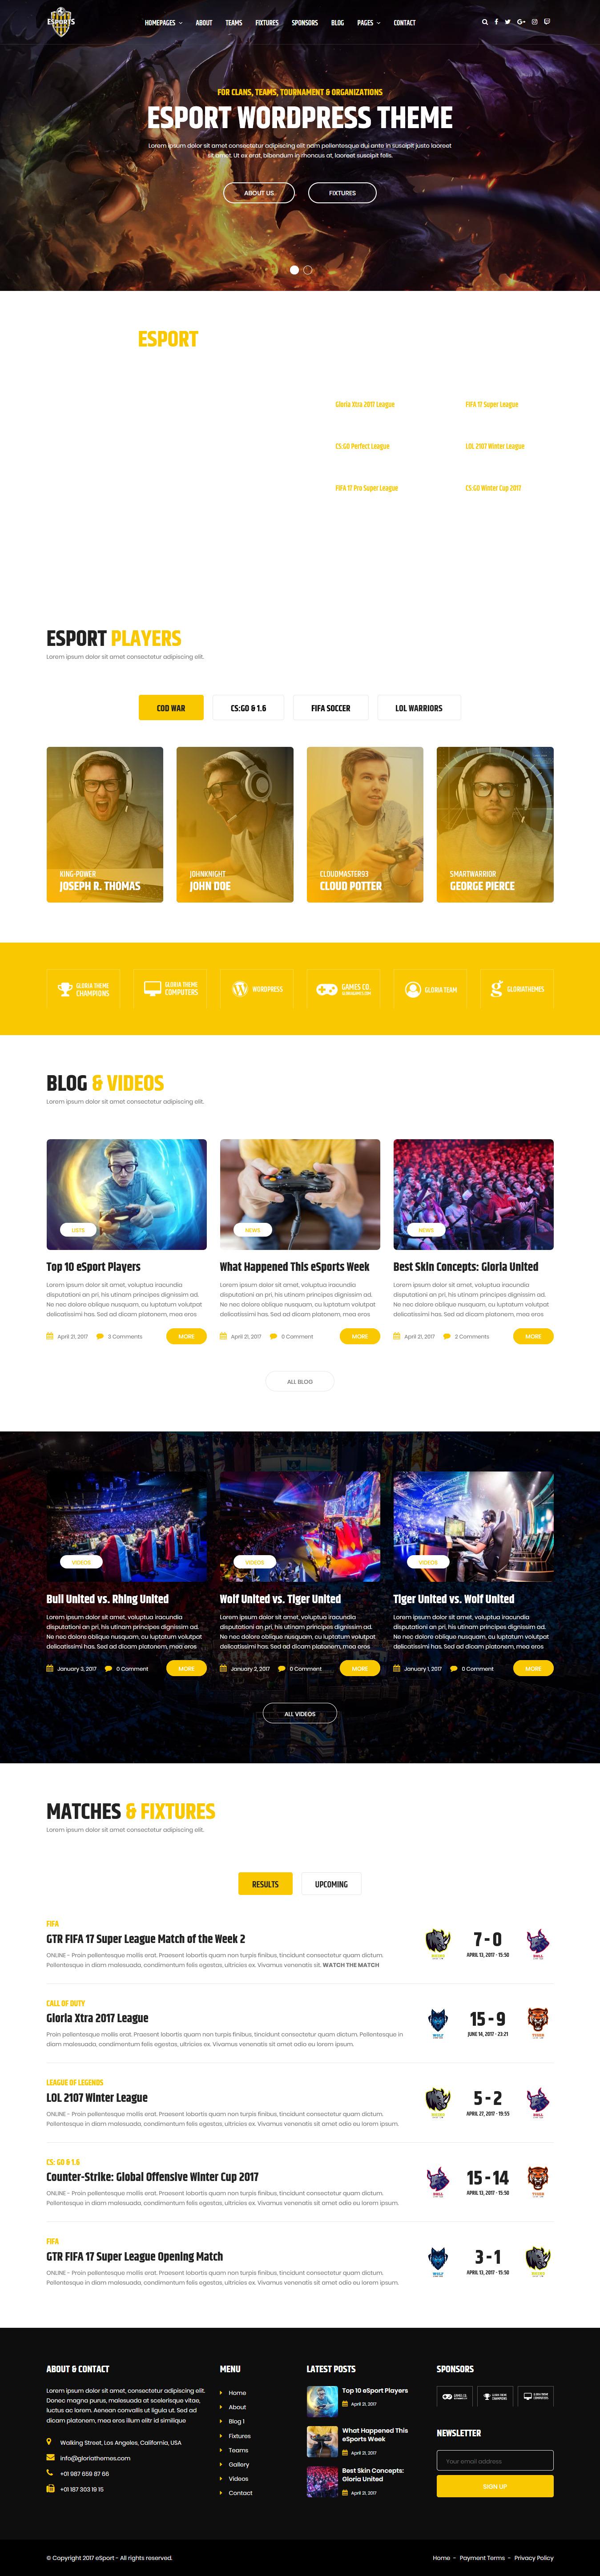 esport best premium gaming wordpress theme - 10+ Best Premium Gaming WordPress Themes